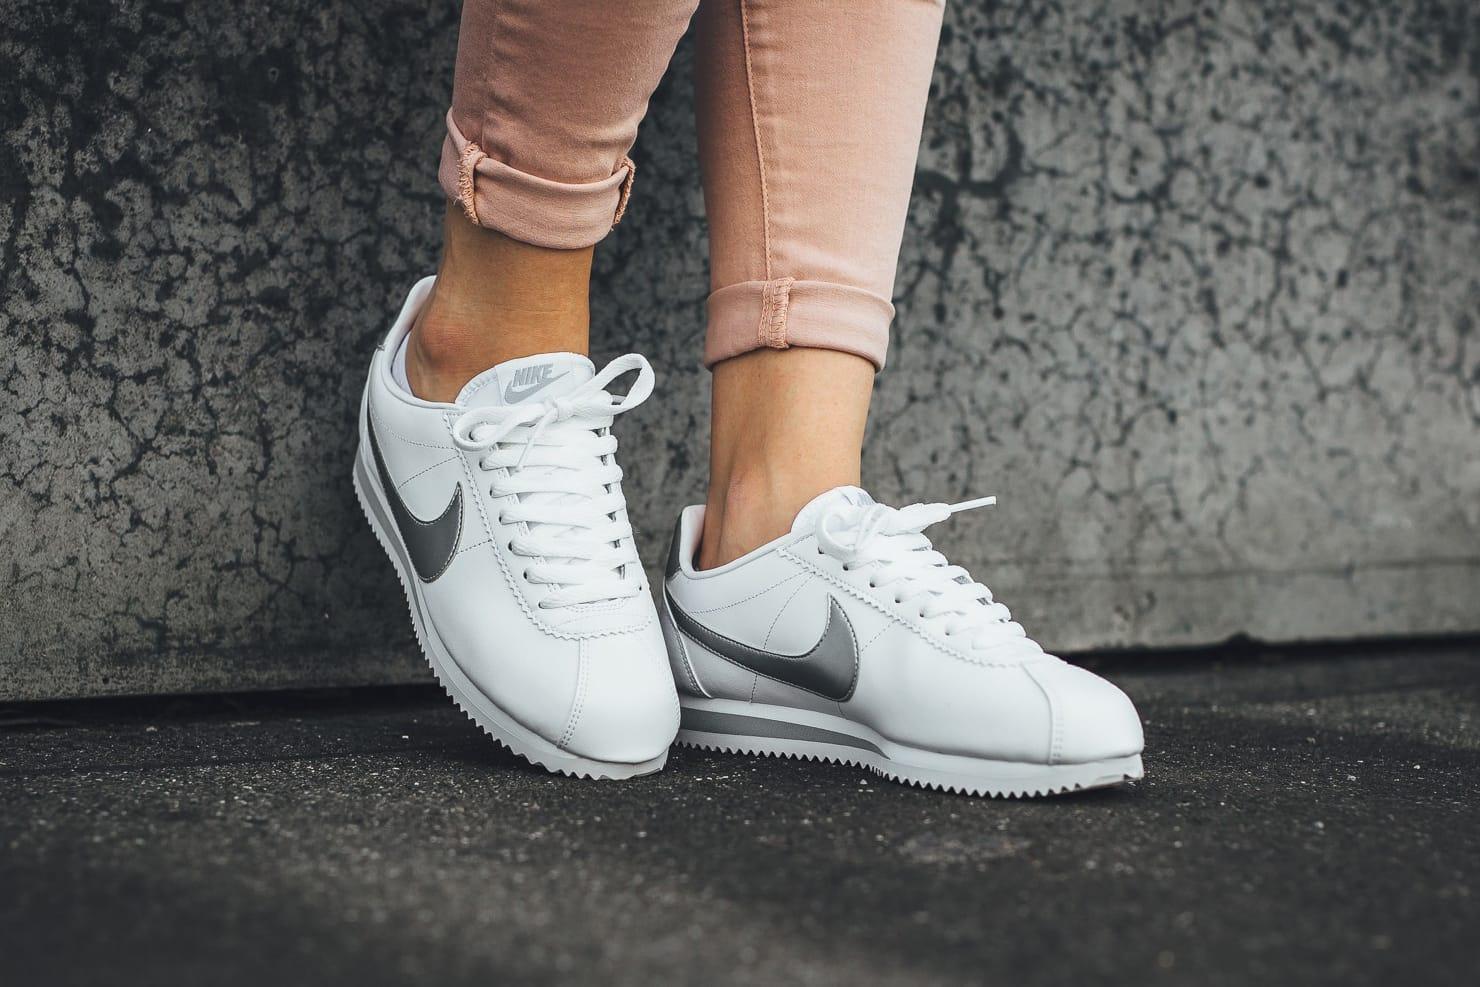 Nike Classic Cortez Leather in Metallic